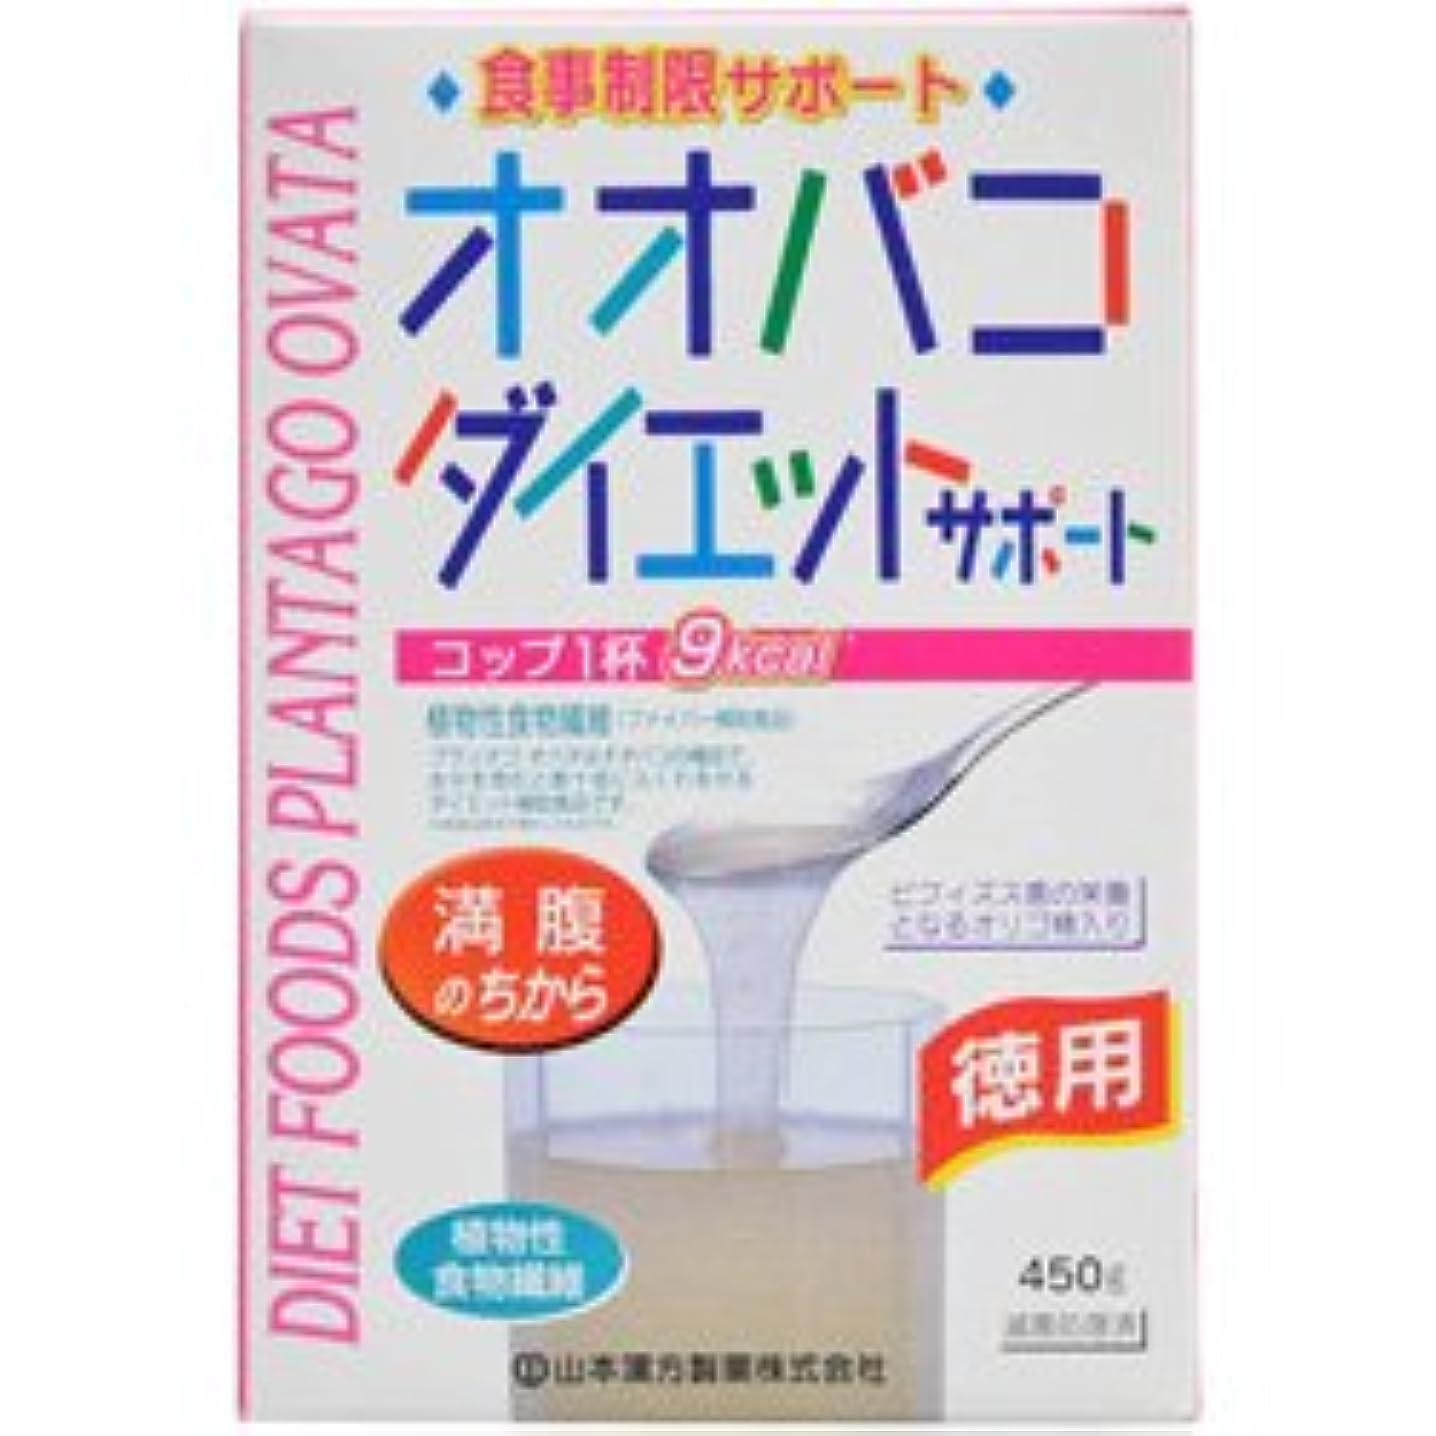 タイマー脆いコンセンサス【山本漢方製薬】オオバコ ダイエット お徳用 450g ×20個セット